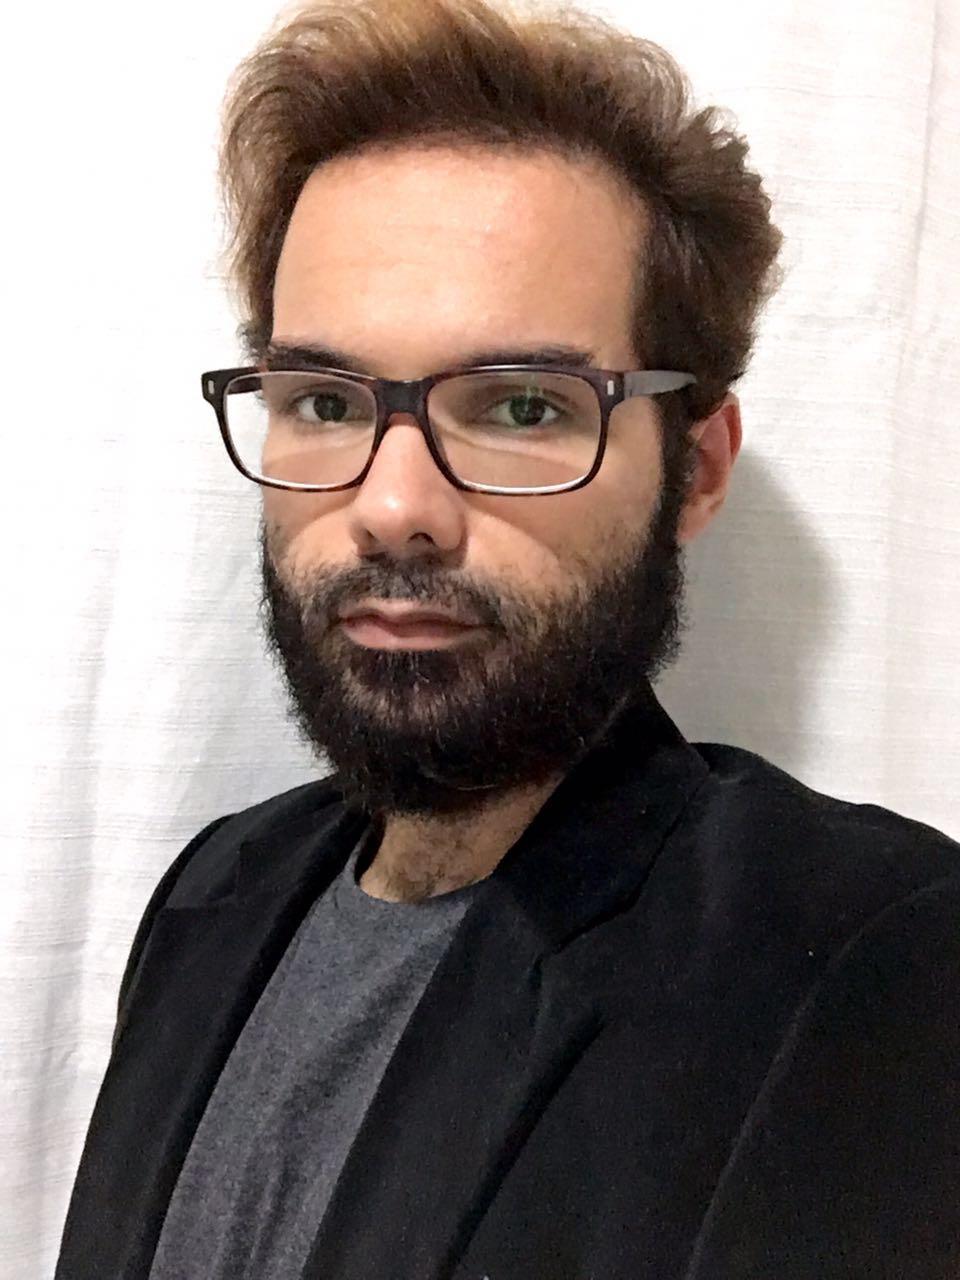 Emmanuel Gurgel do Amaral Gomes